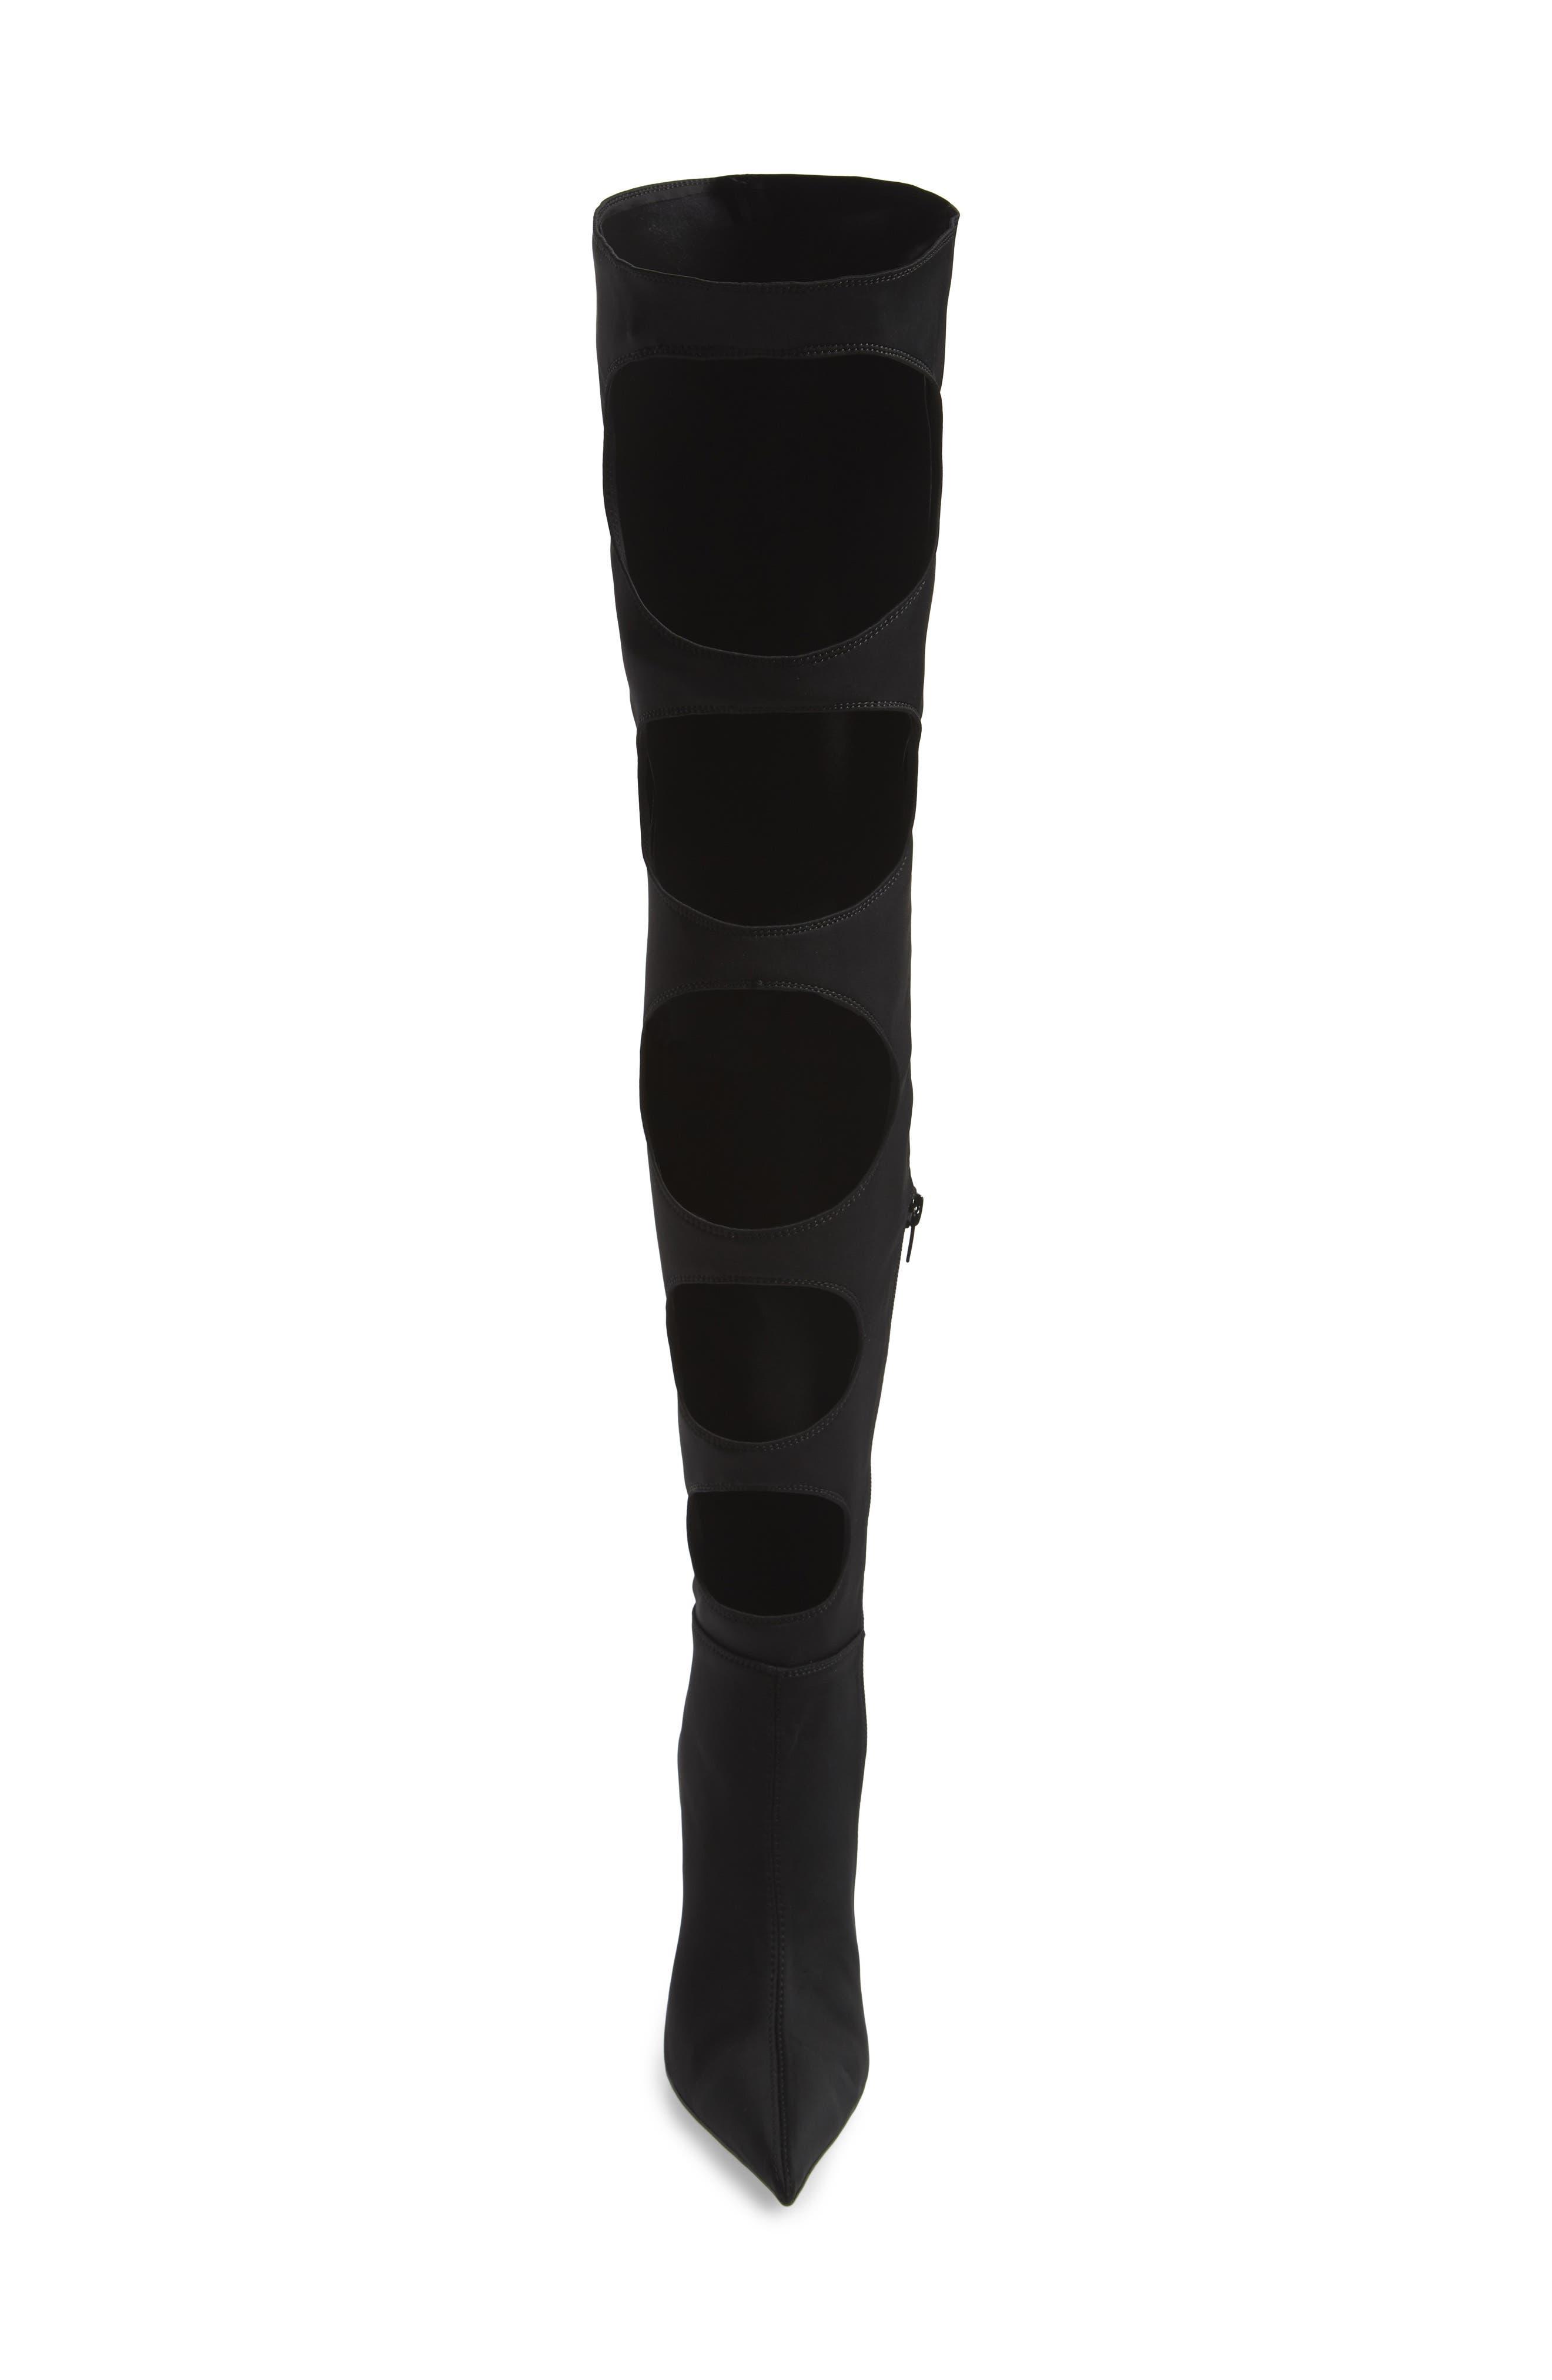 Gamora Over the Knee Boot,                             Alternate thumbnail 4, color,                             Black/ Black